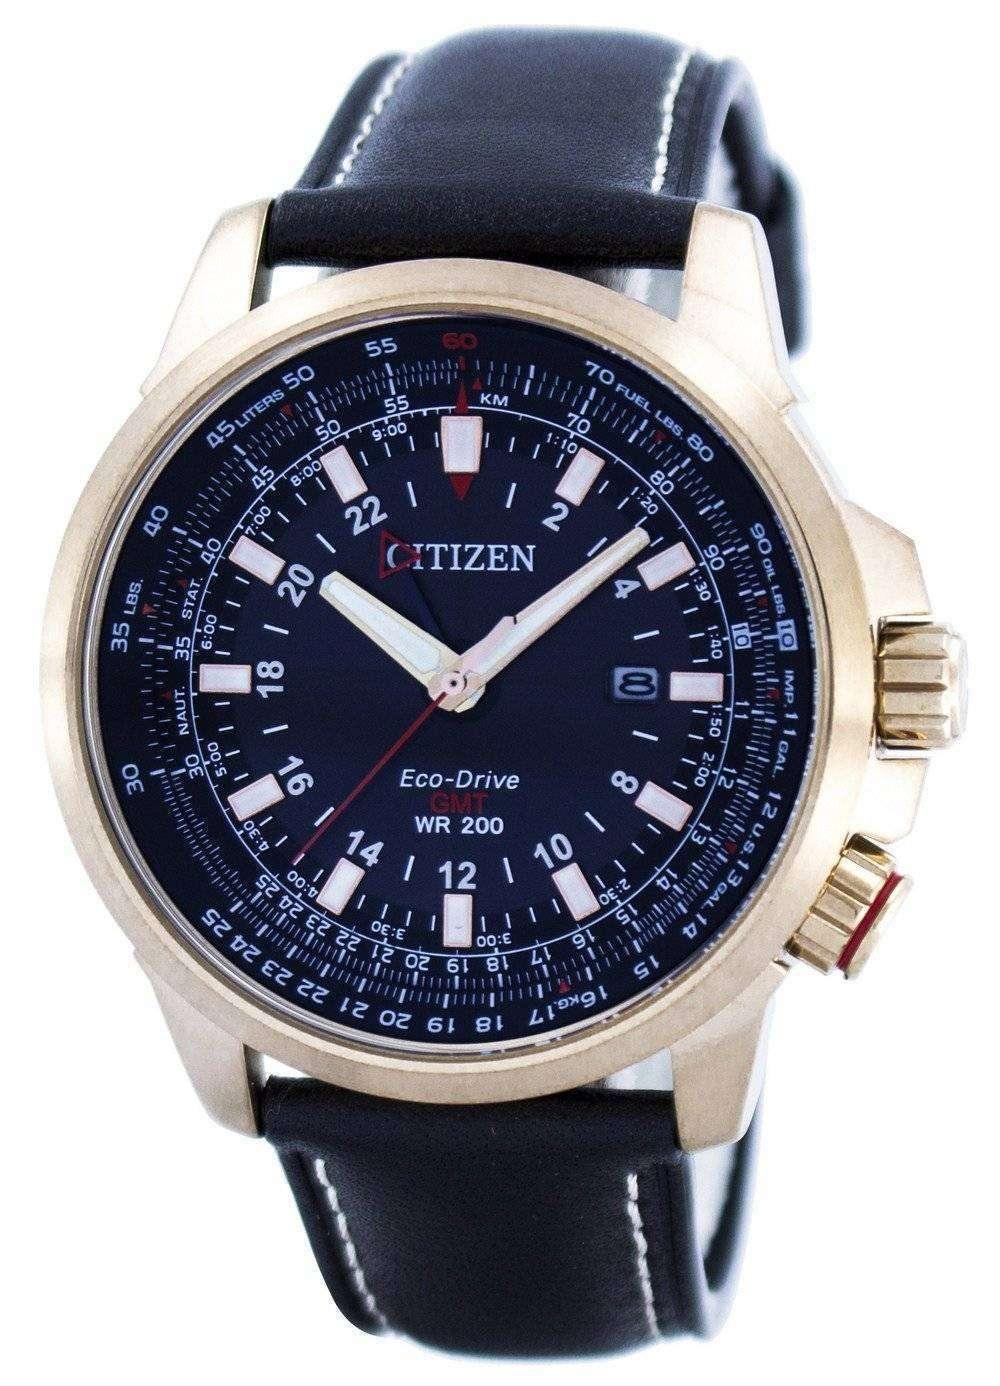 aae71b79bfe Citizen promaster eco drive e mens watch citywatches jpg 1000x1386 Citizen  eco drive promaster gmt